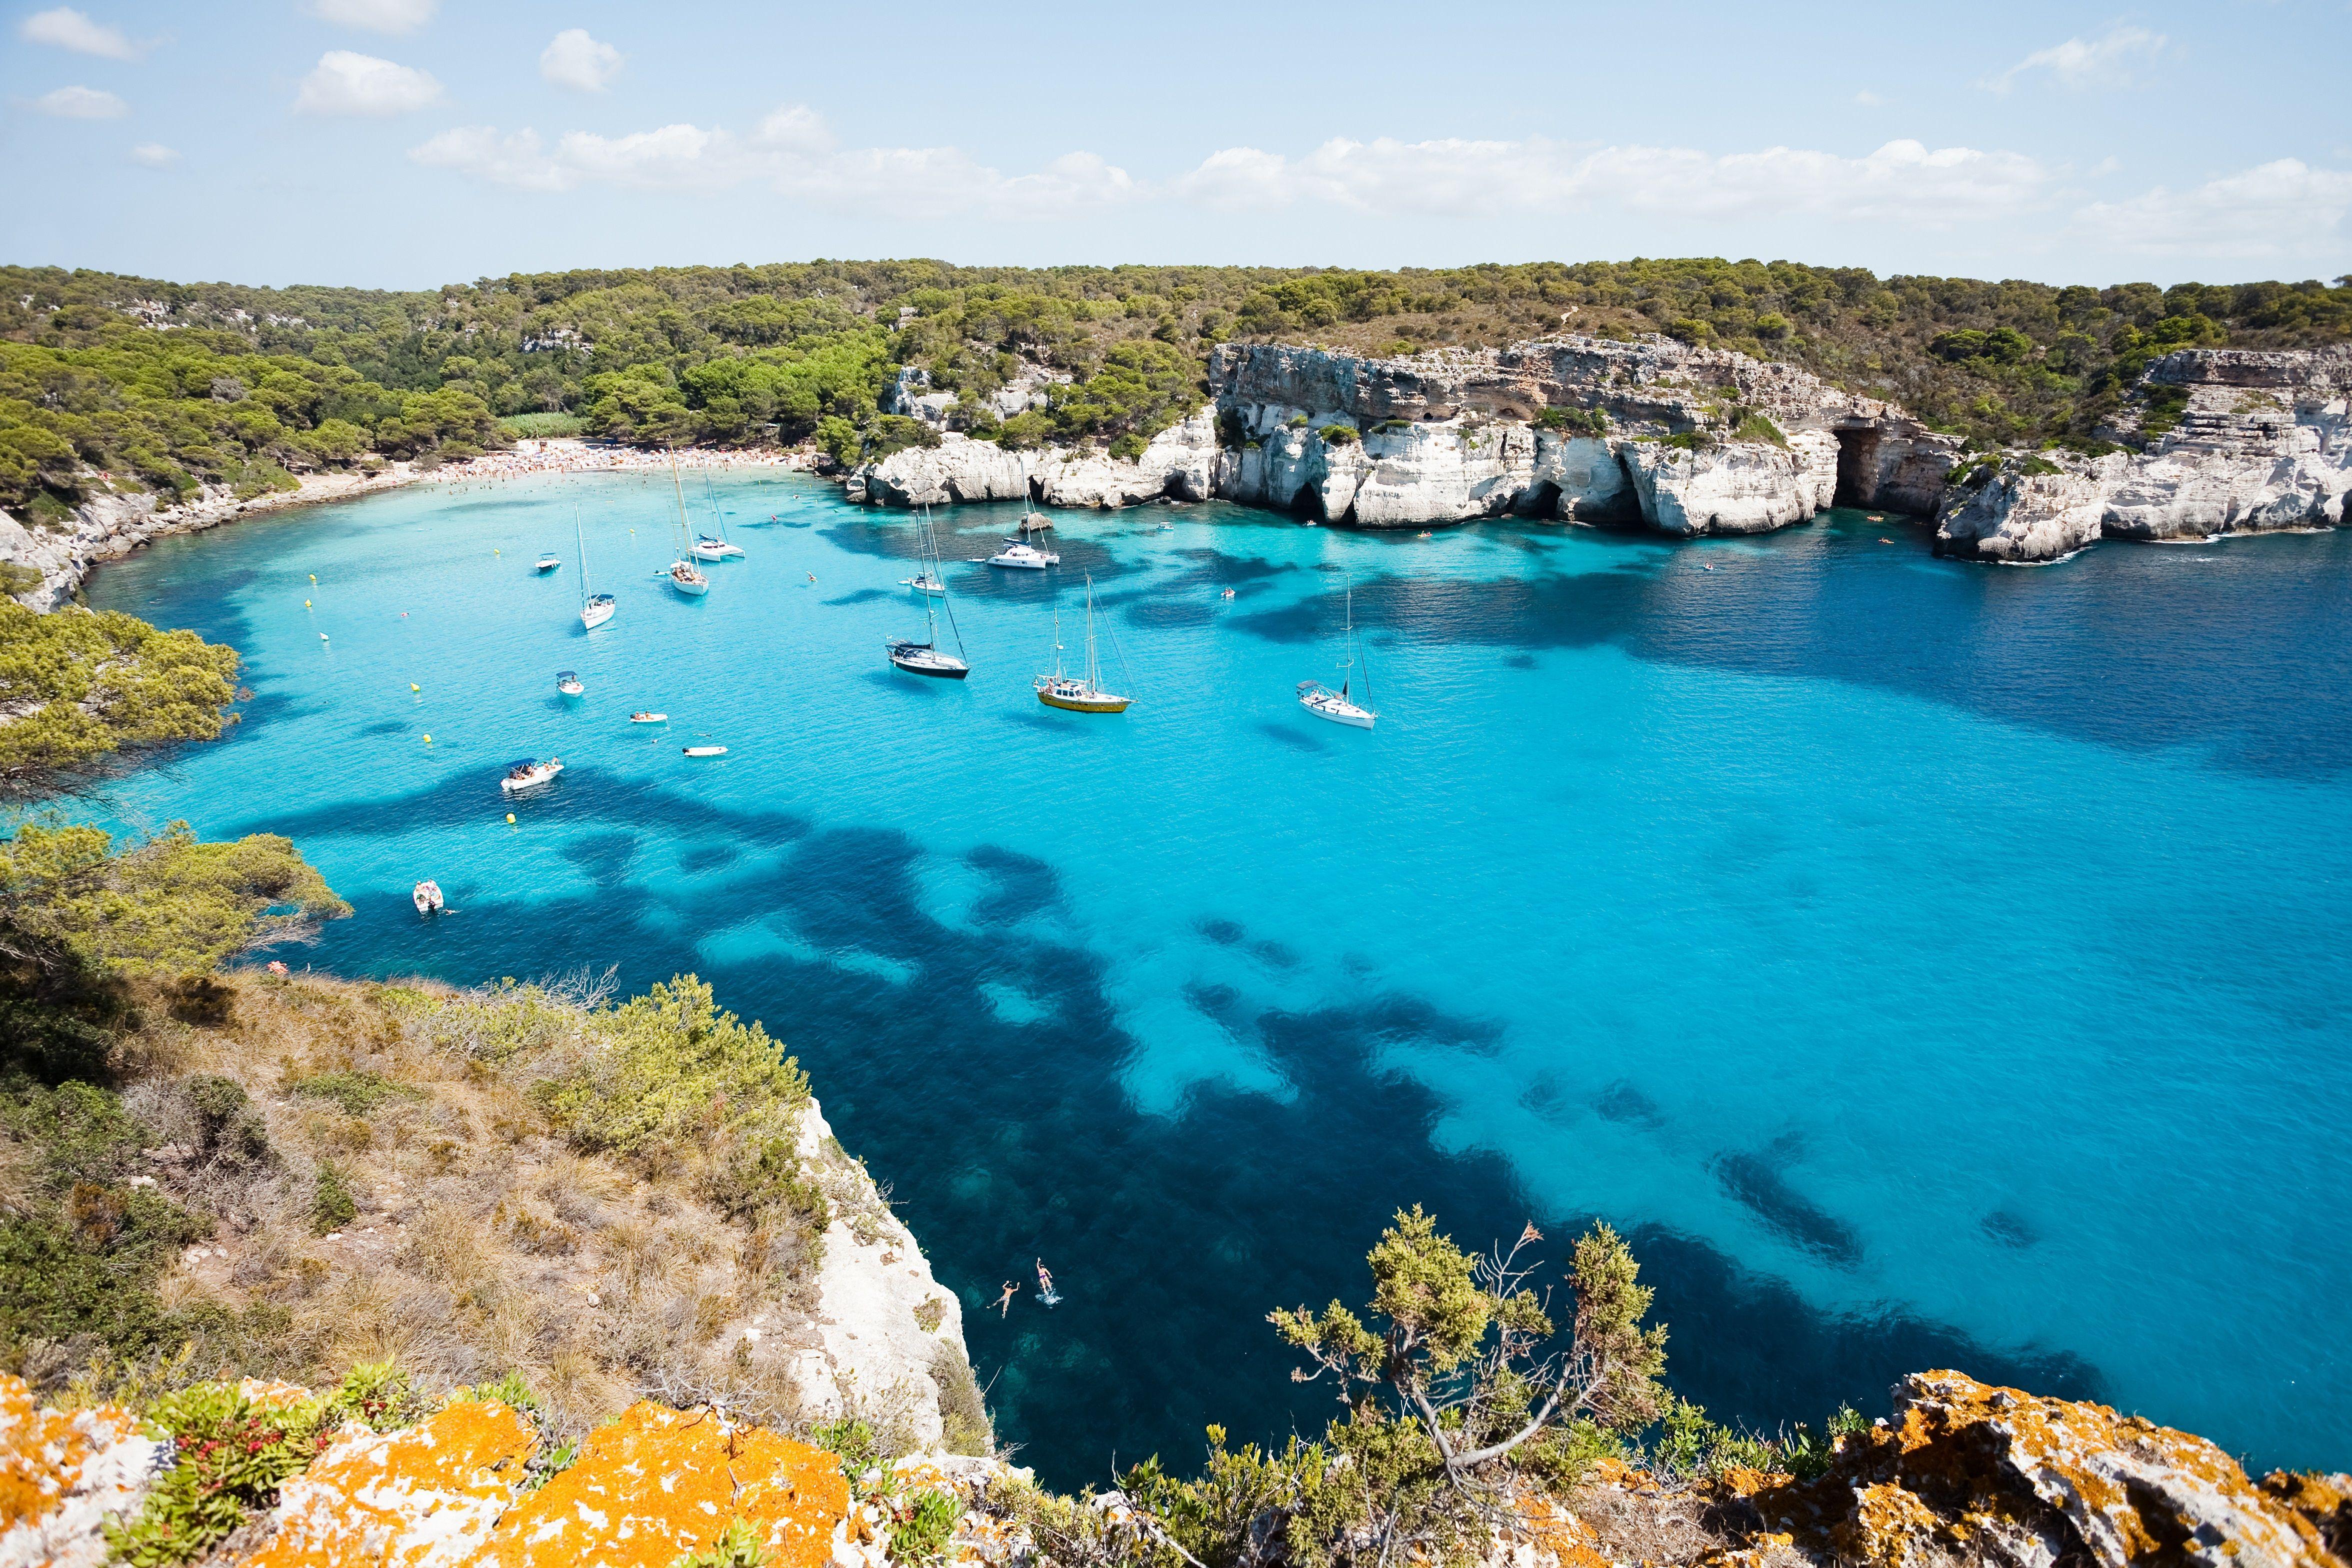 Cala Macarella, na ilha de Menorca (uma das Ilhas Baleares), pertencentes à Espanha.